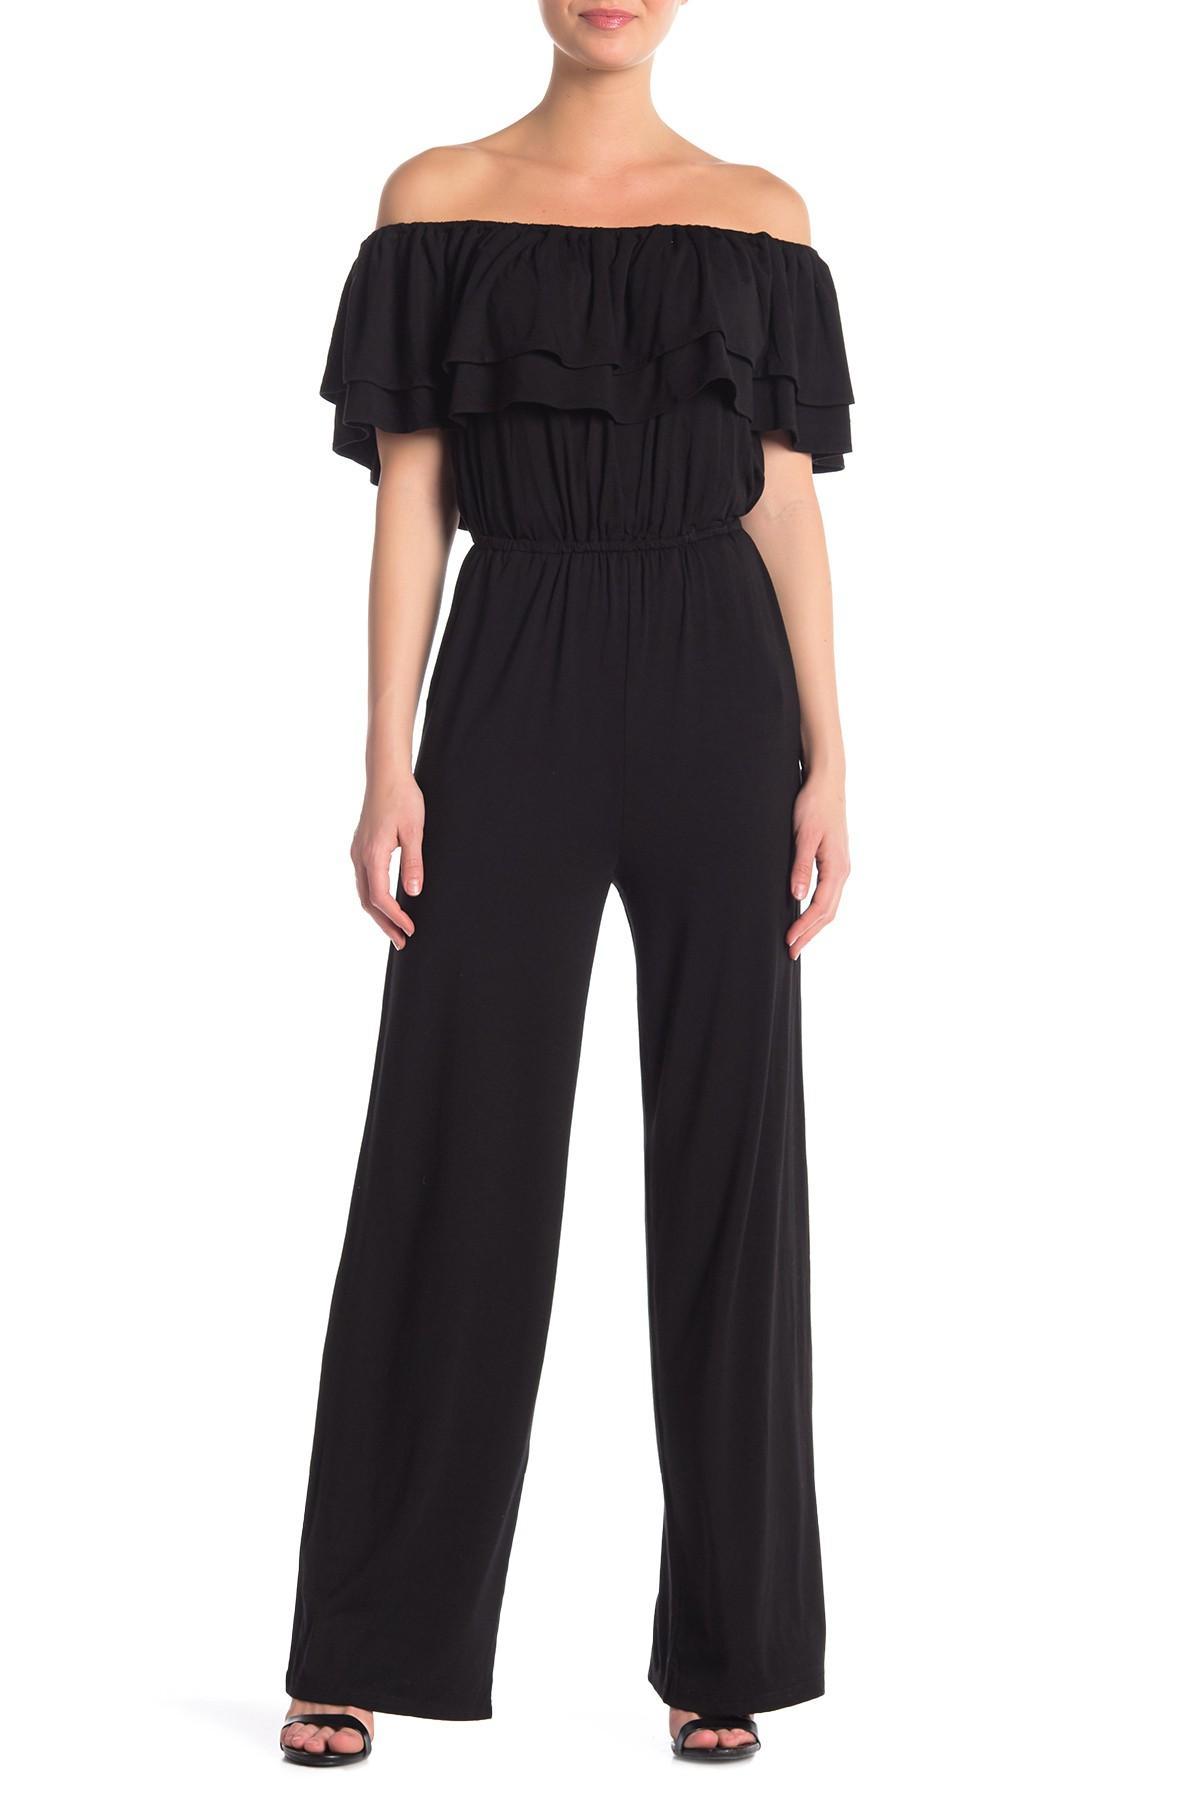 971ea331d680 Lyst - BB Dakota Ayres Off-the-shoulder Knit Jumpsuit in Black